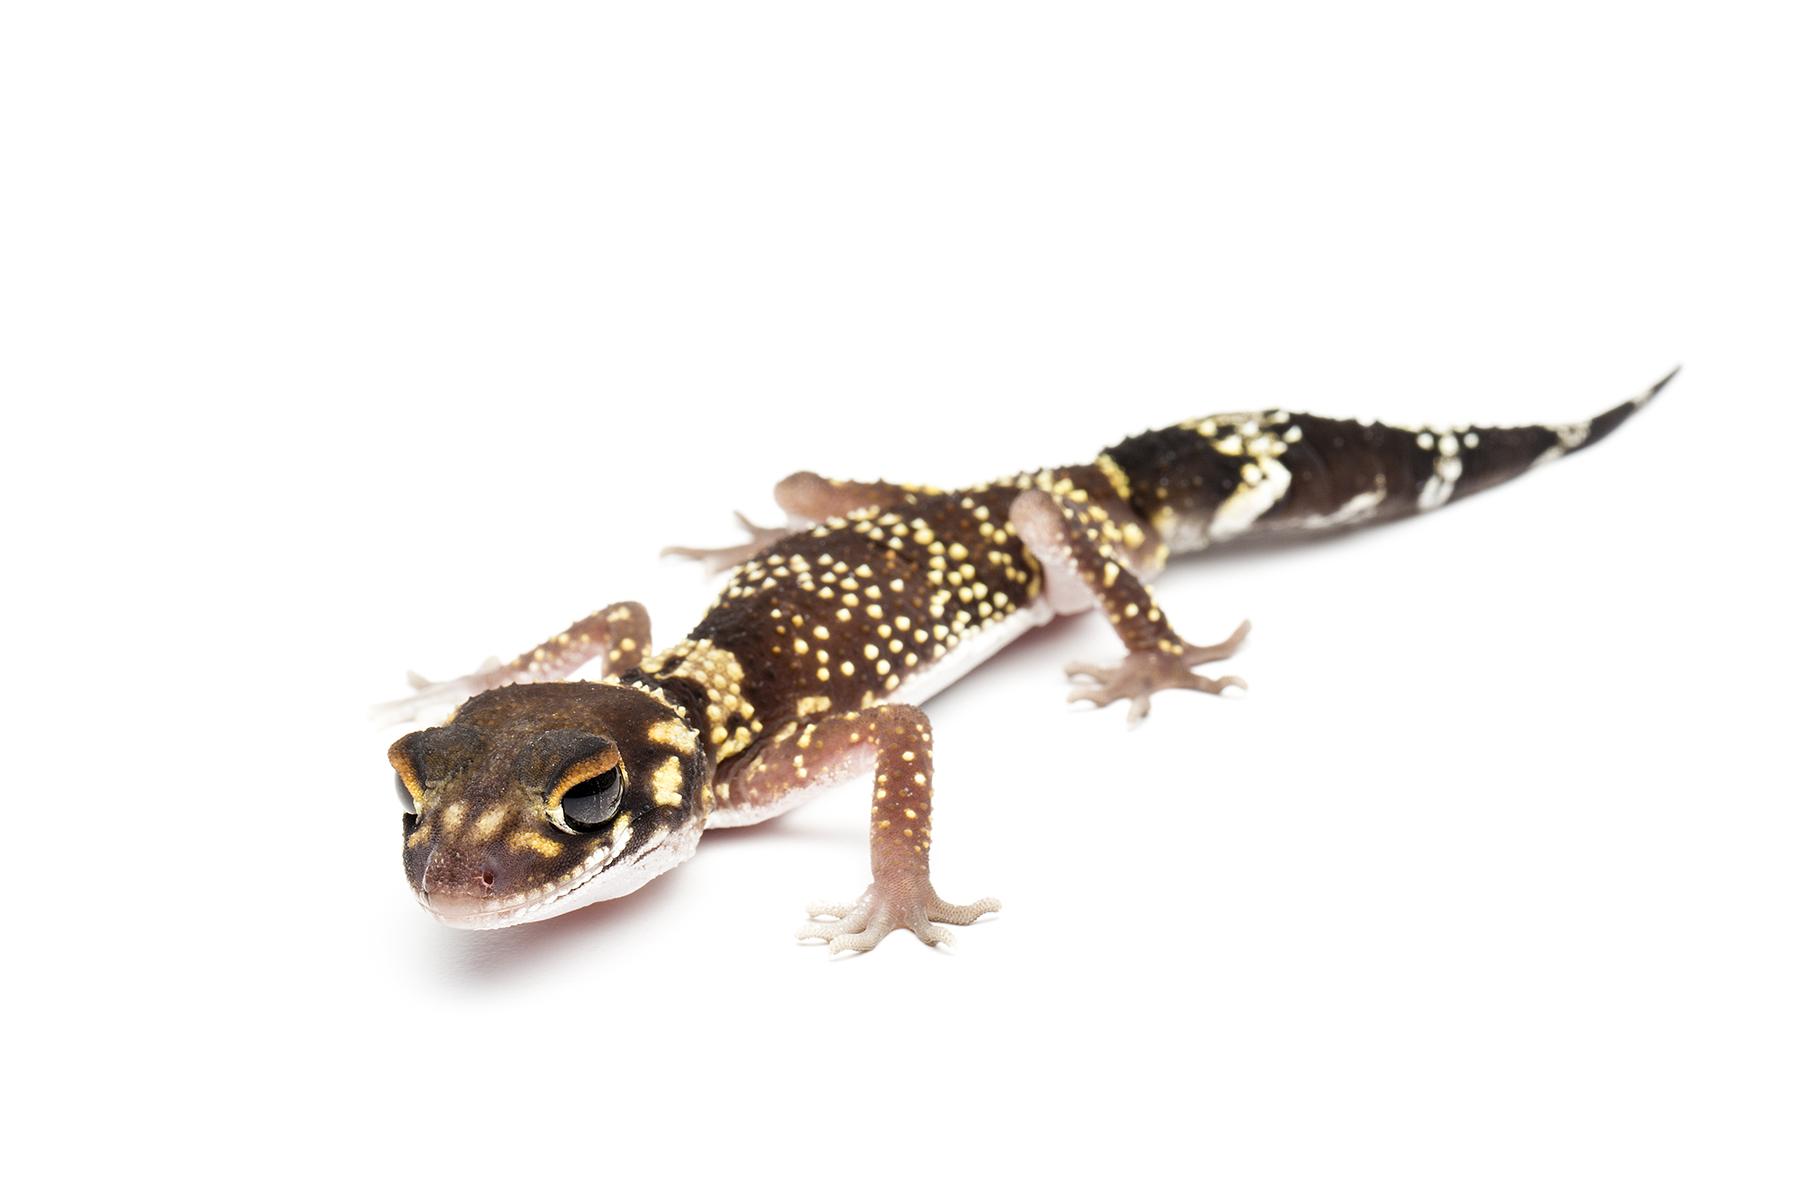 Male Undrwoodisaurus milii